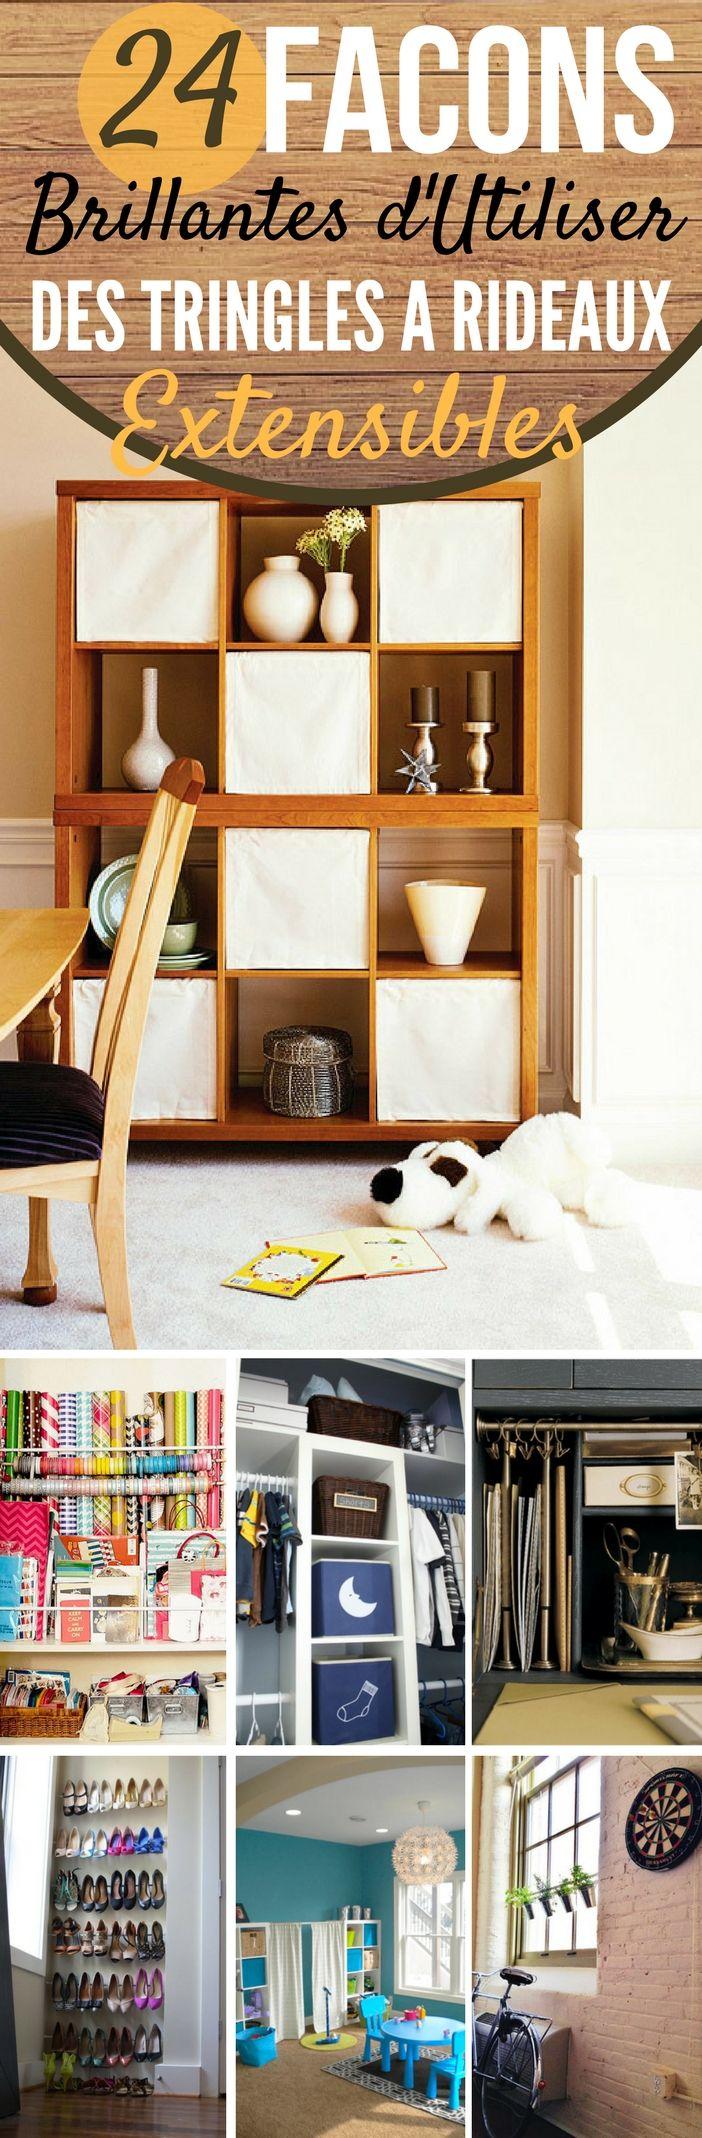 les 25 meilleures id es de la cat gorie rideaux cuisine sur pinterest rideaux voilages. Black Bedroom Furniture Sets. Home Design Ideas